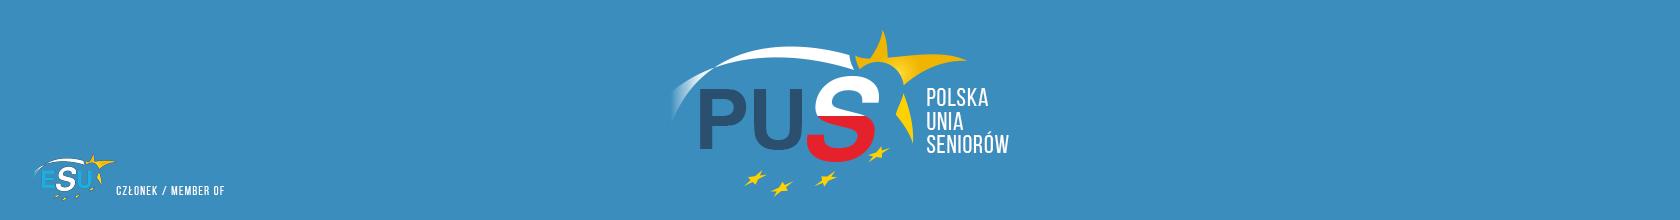 Polska Unia Seniorów